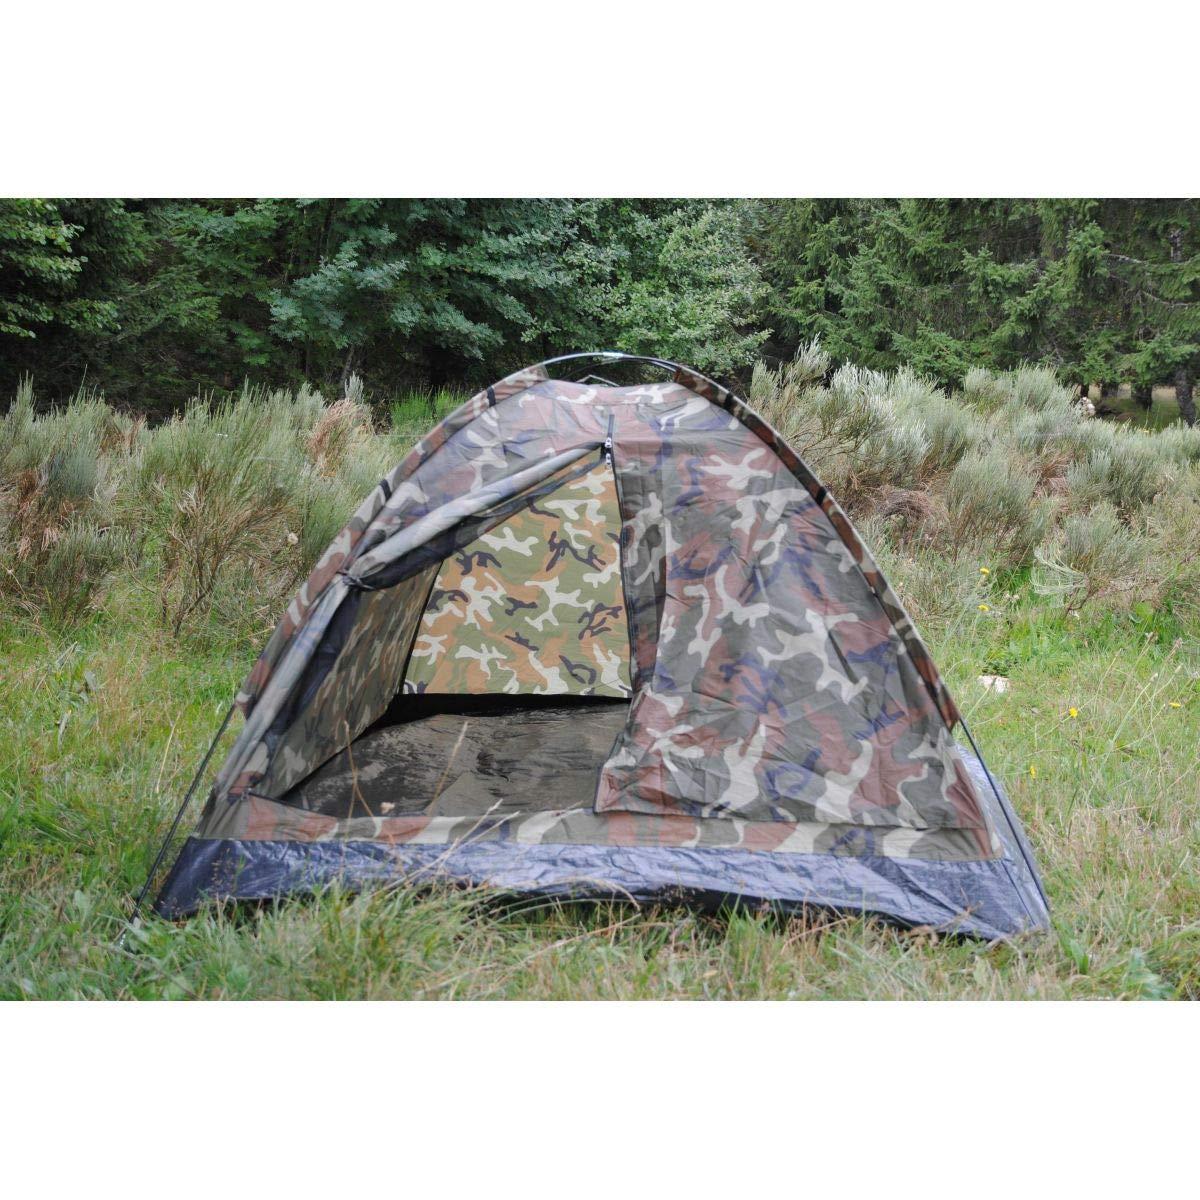 Camo Outdoor Mil-tec - Tienda de campaña (para 2 personas), diseño de iglú de camuflaje diseño de iglú de camuflaje 2230